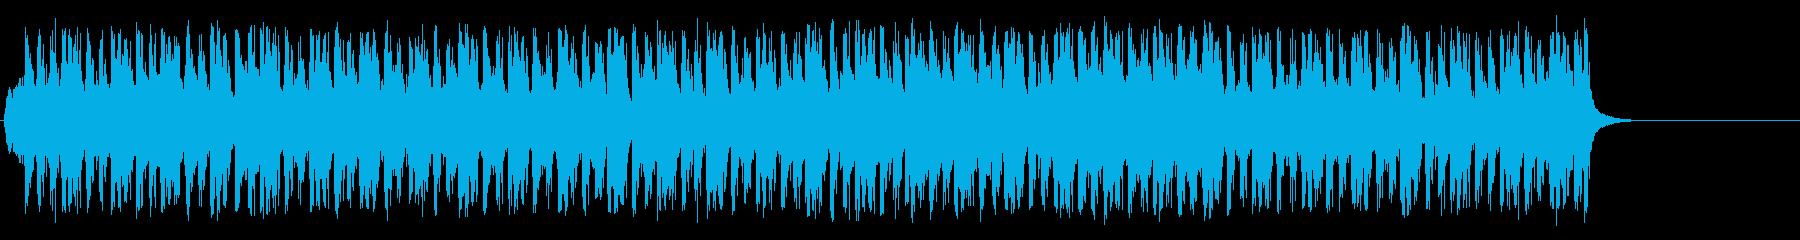 ダンサブルな歌モノ風ポップ/テクノの再生済みの波形